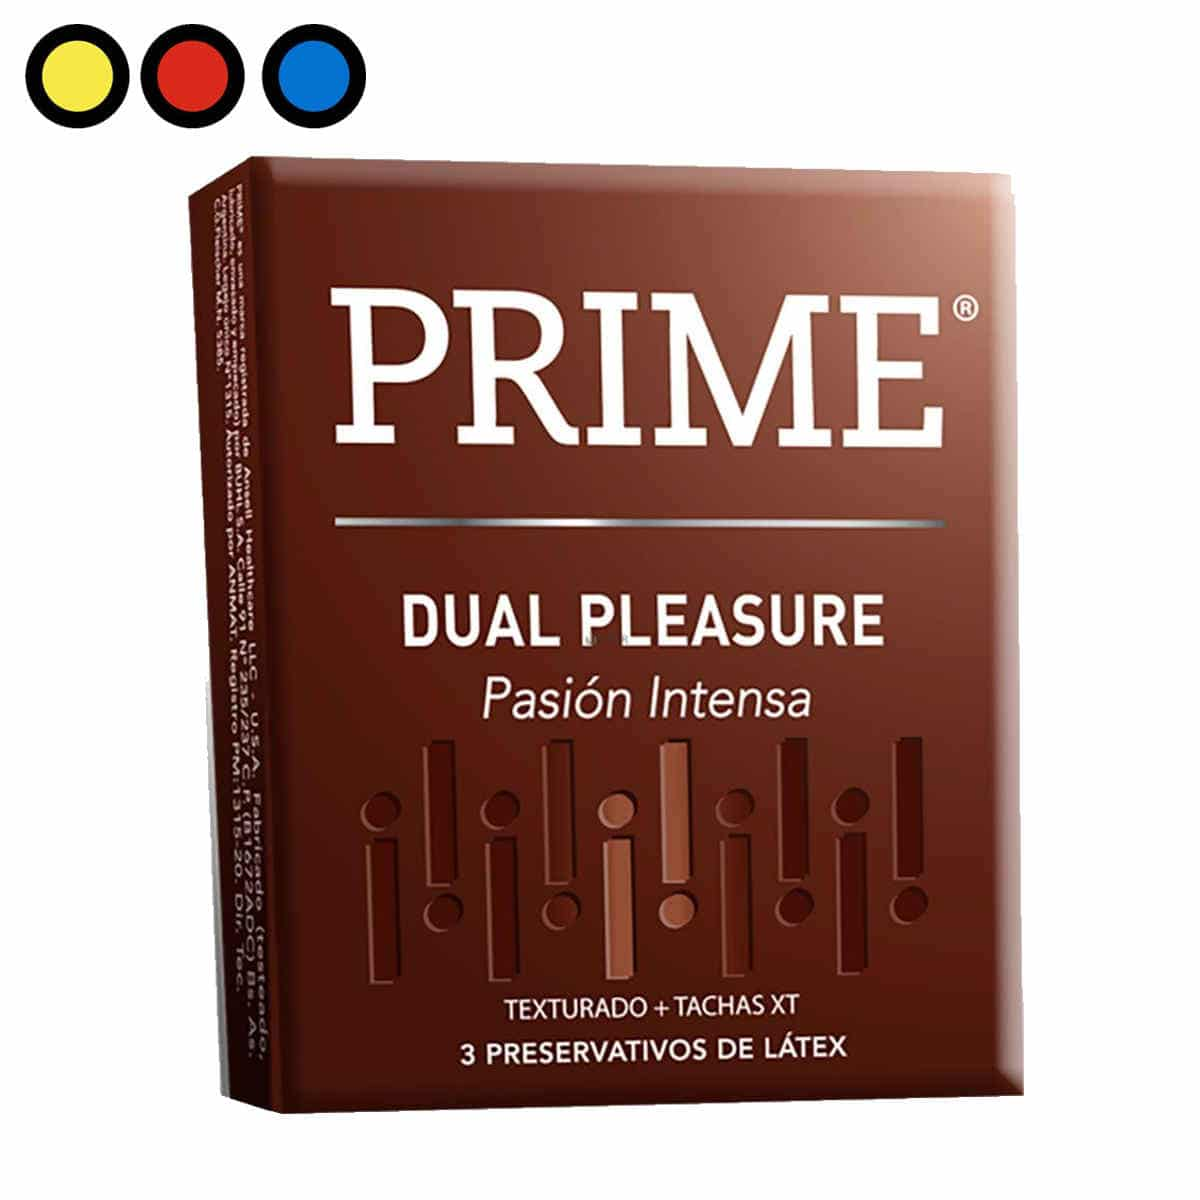 prime dual pleasure precios mayoristas